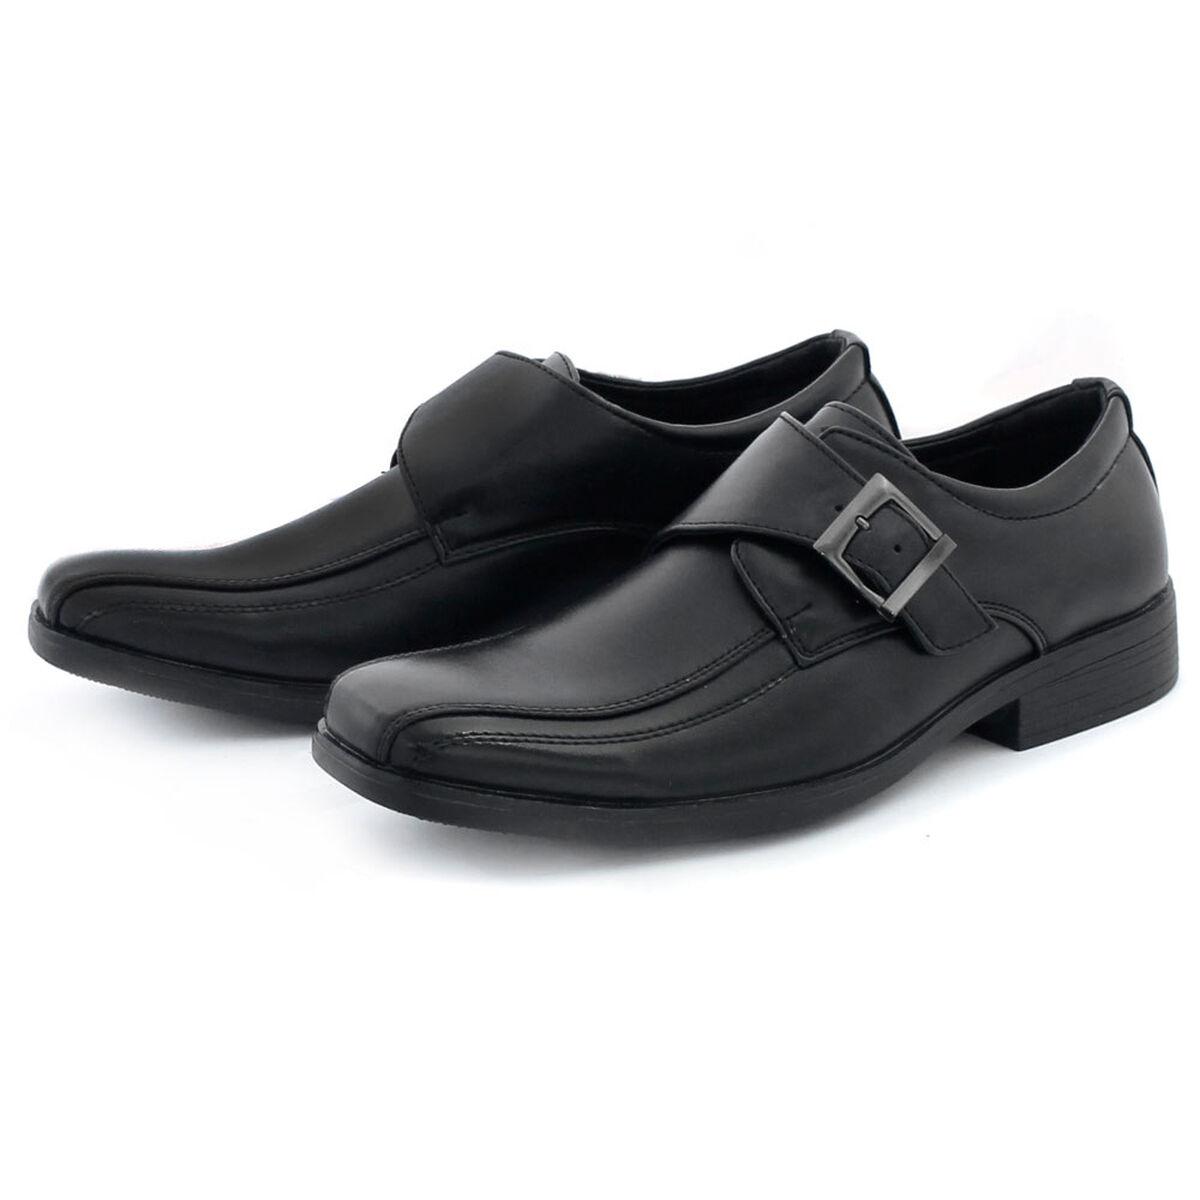 Zapato Hombre Franco Orselli Hebo